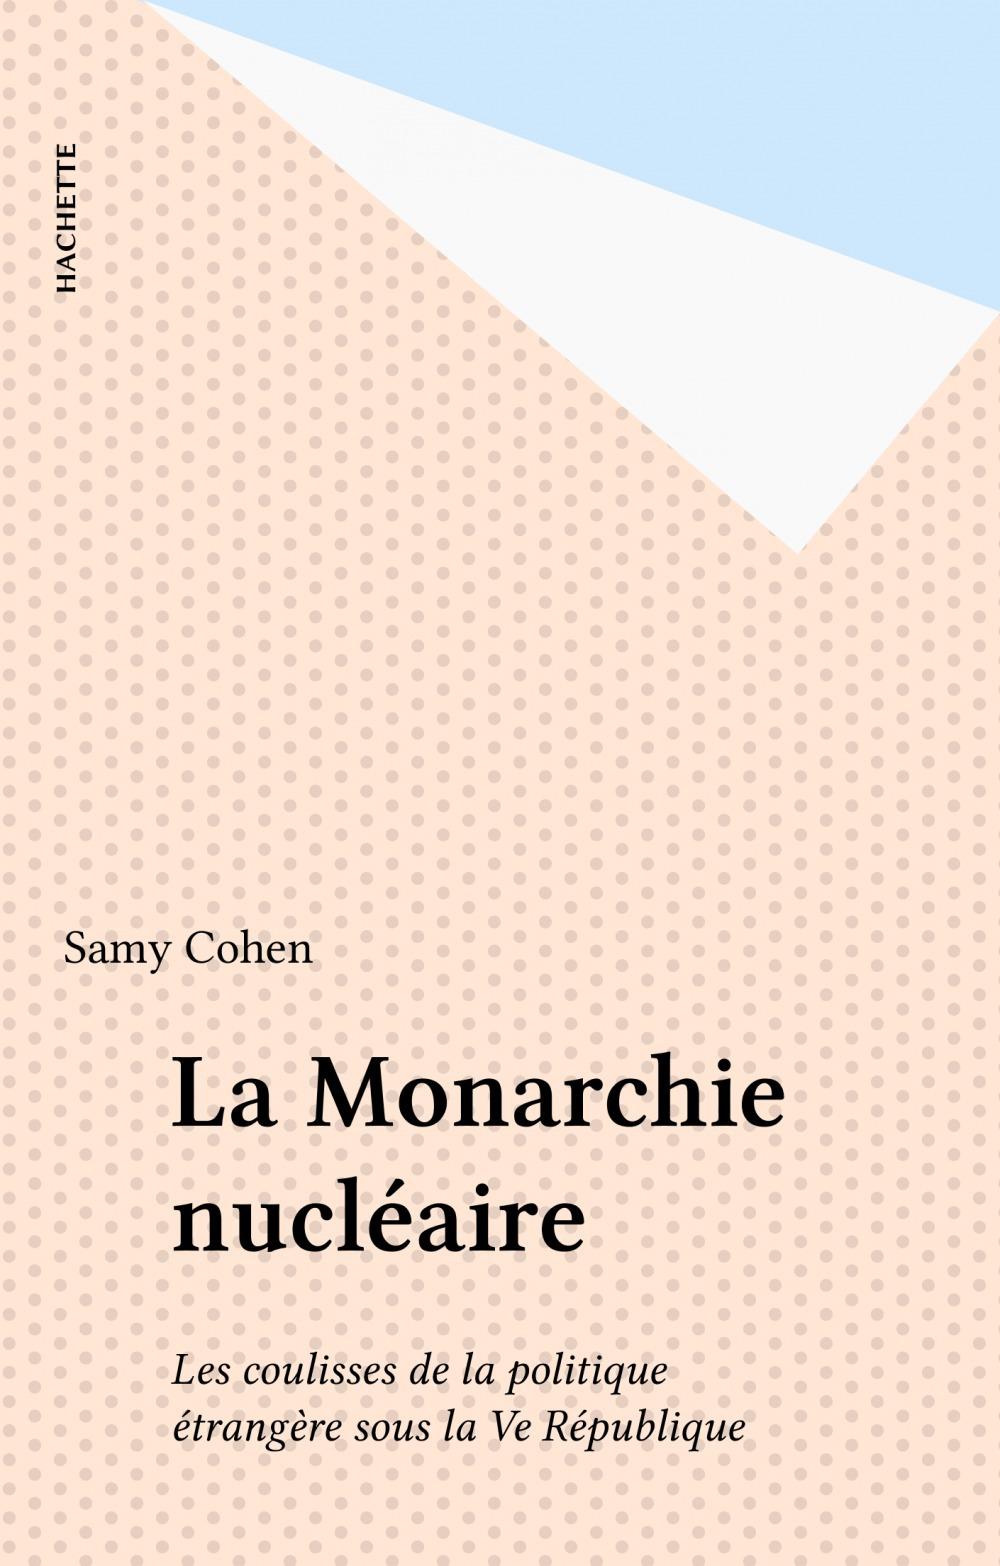 La monarchie nucléaire : les coulisses de la politique étrangère sous la Ve République